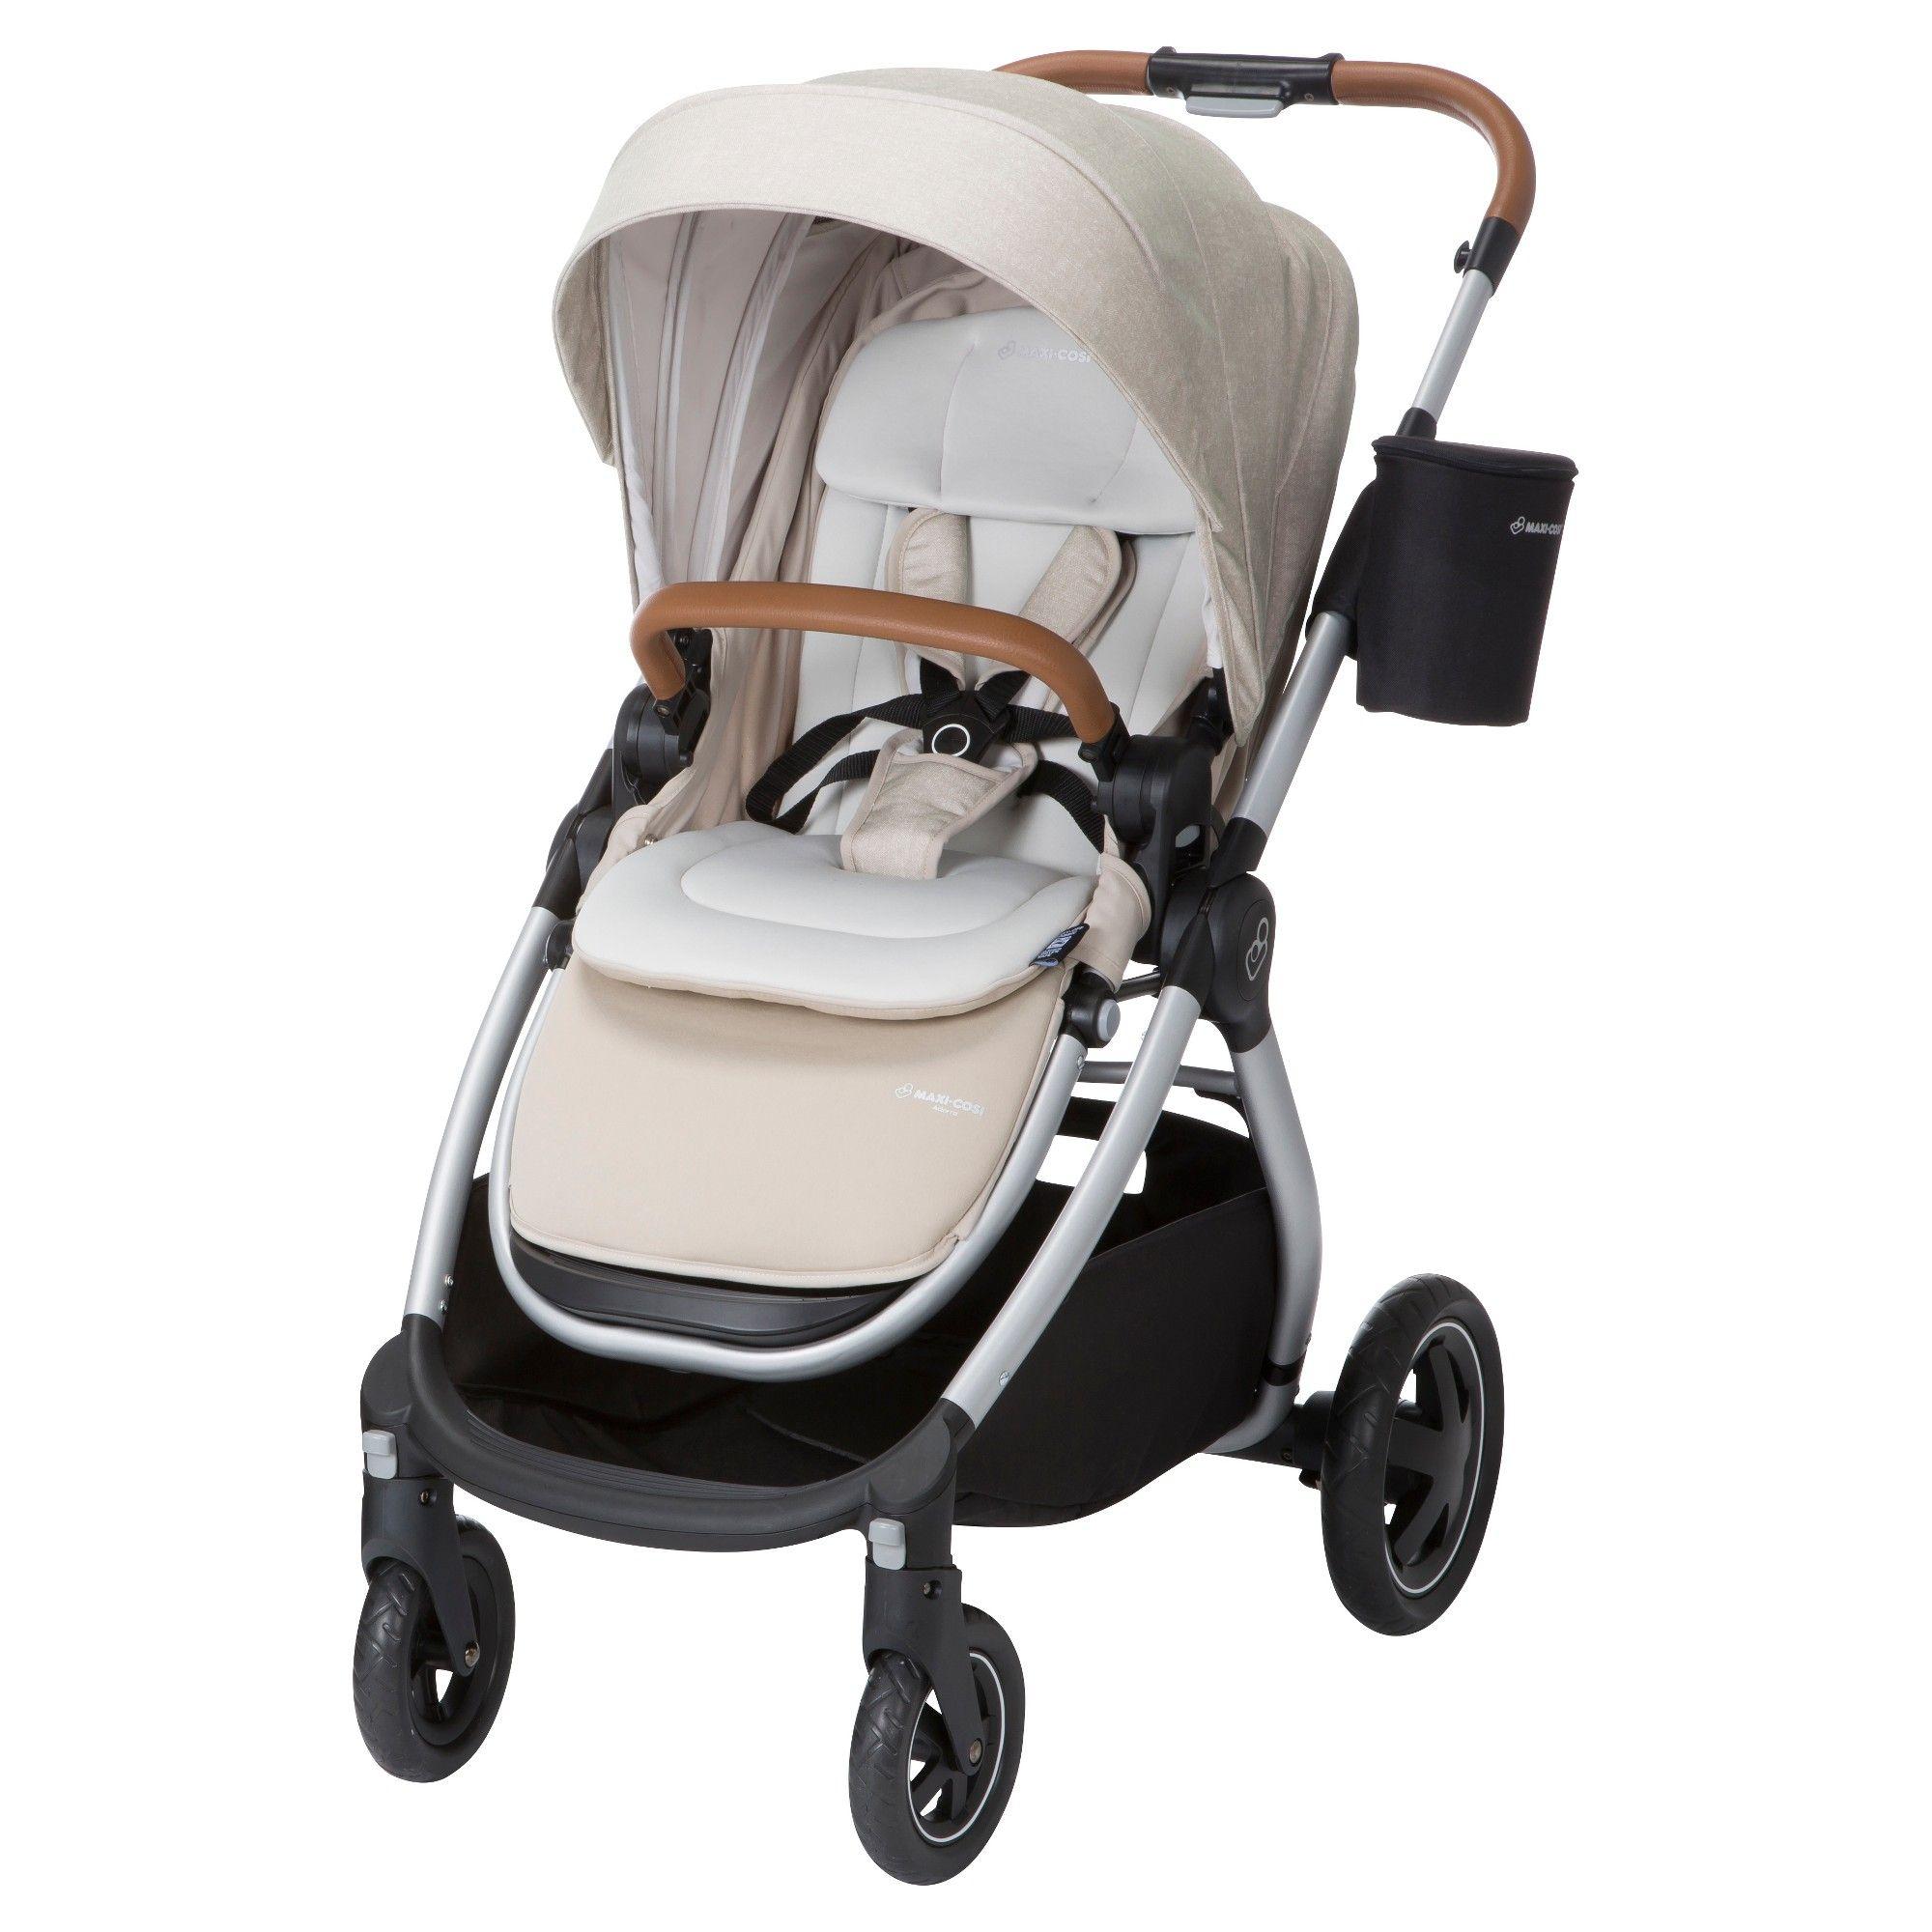 MaxiCosi Adorra 2.0 Stroller Nomad Sand Baby car